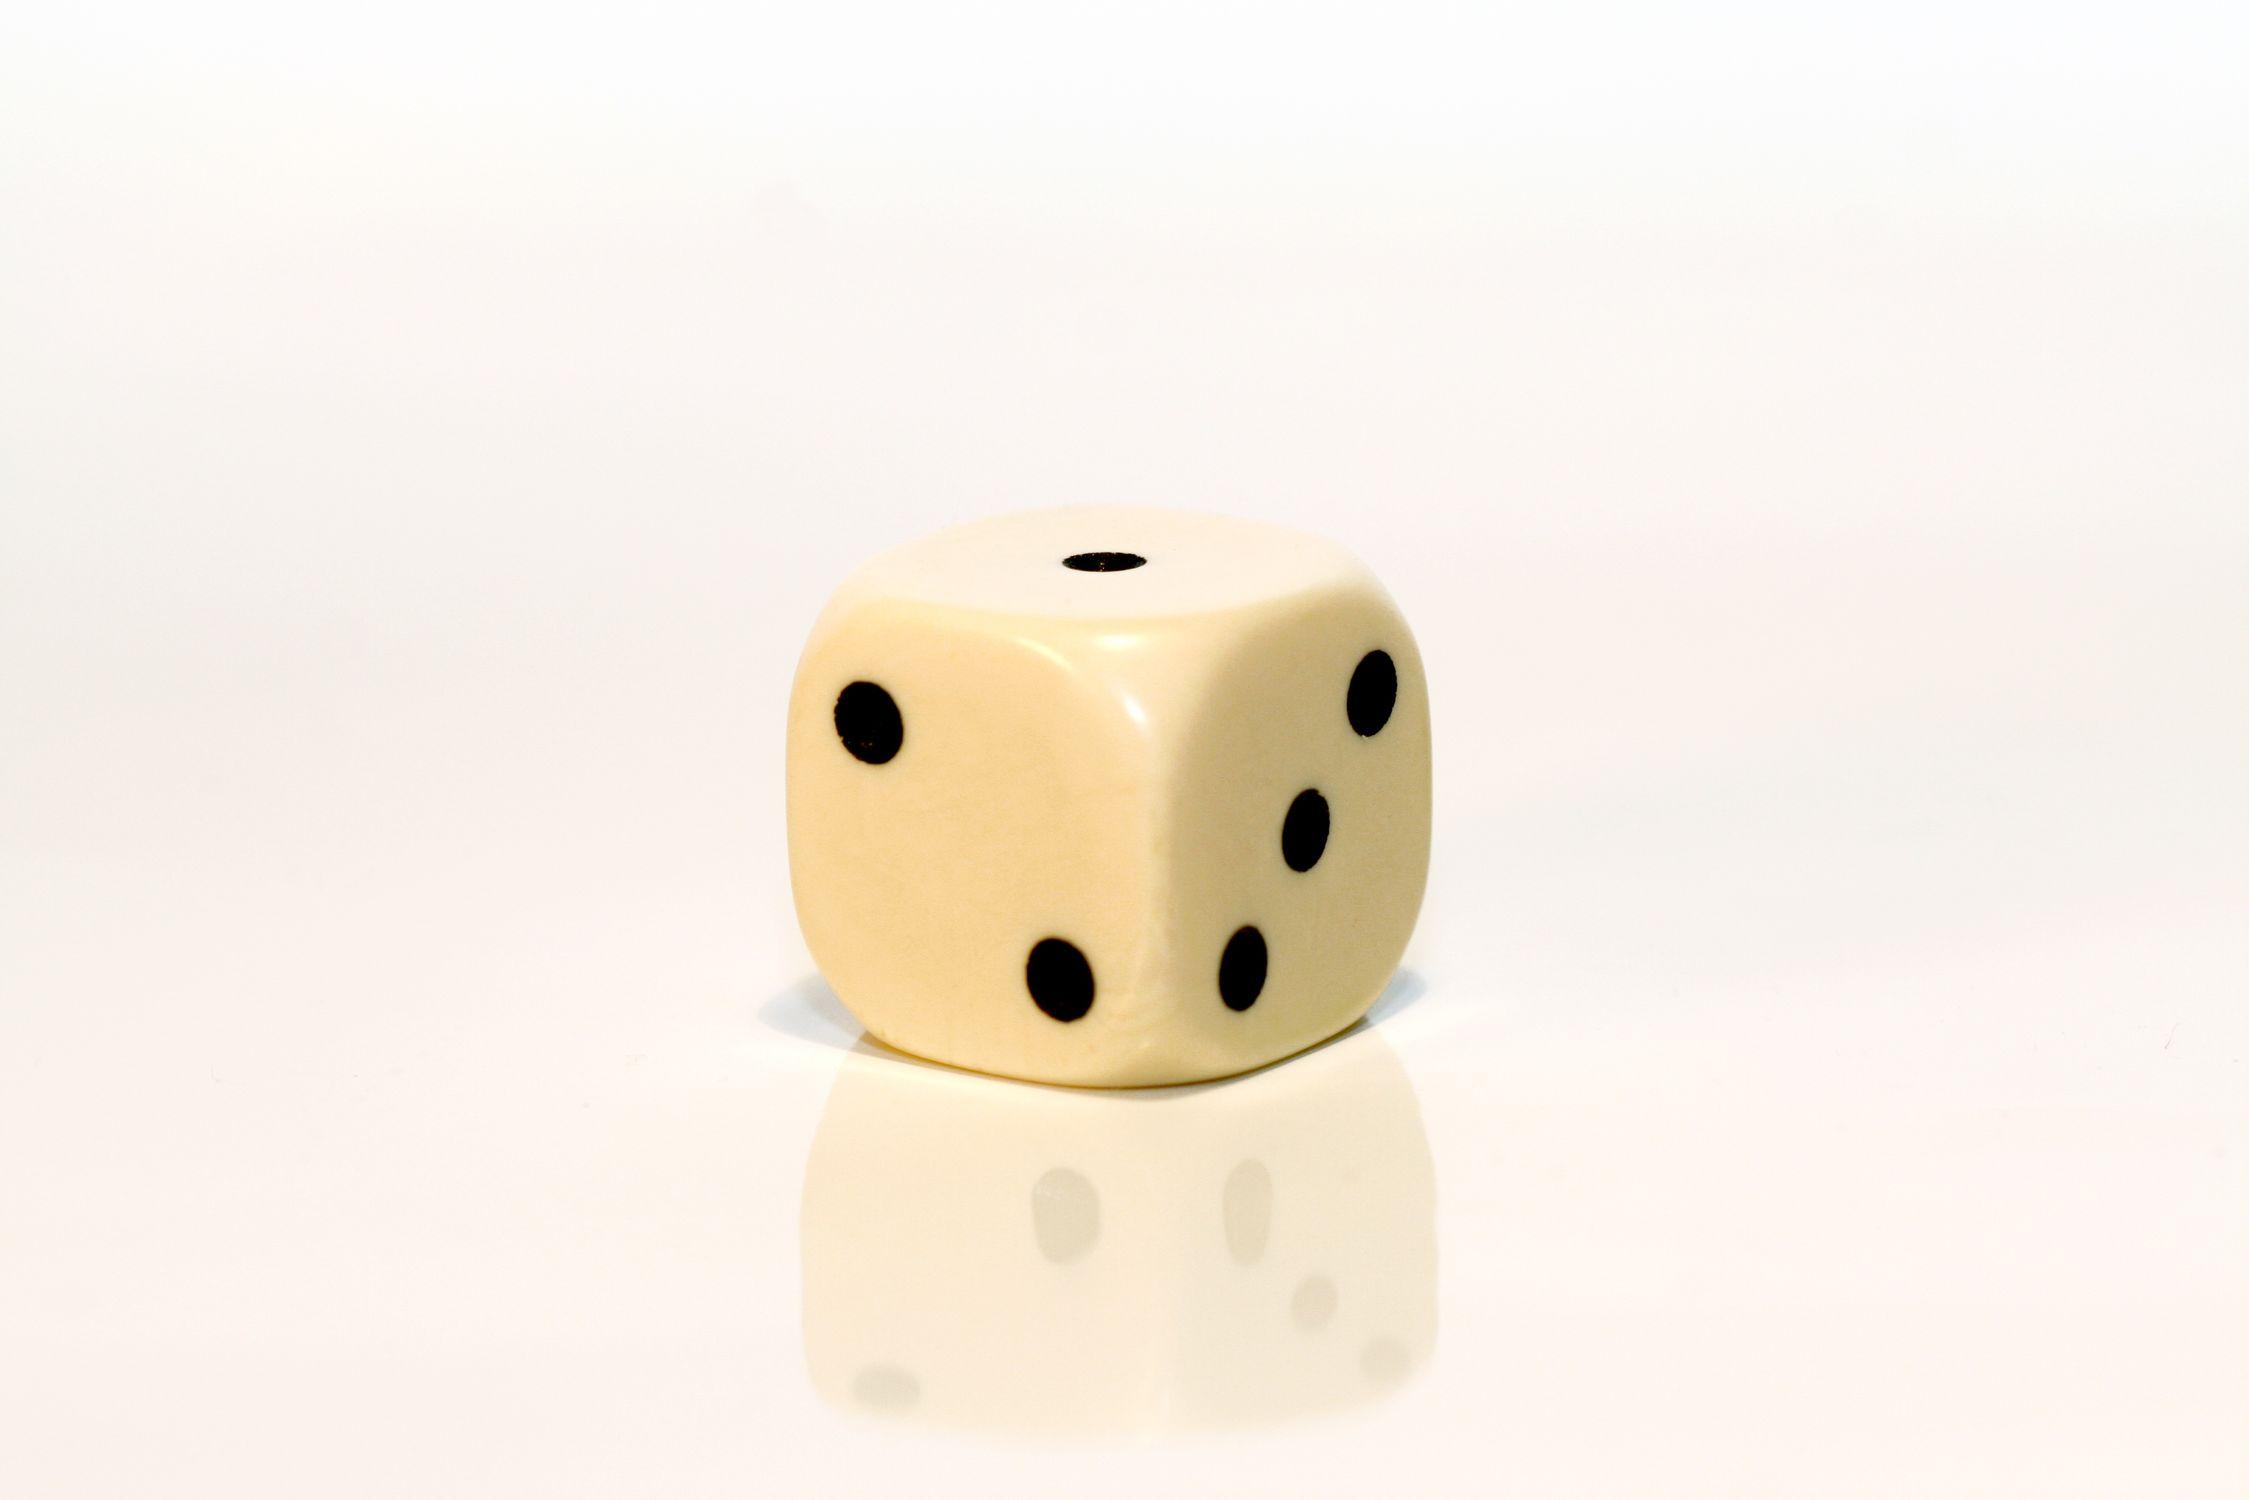 Bild mit Gegenstände, Weiß, Spiele und Spielzeuge, Würfel, Spielewürfel, Spielwürfel, Glückswürfel, Würfelspiel, 6er Würfel, Elfenbein Würfel